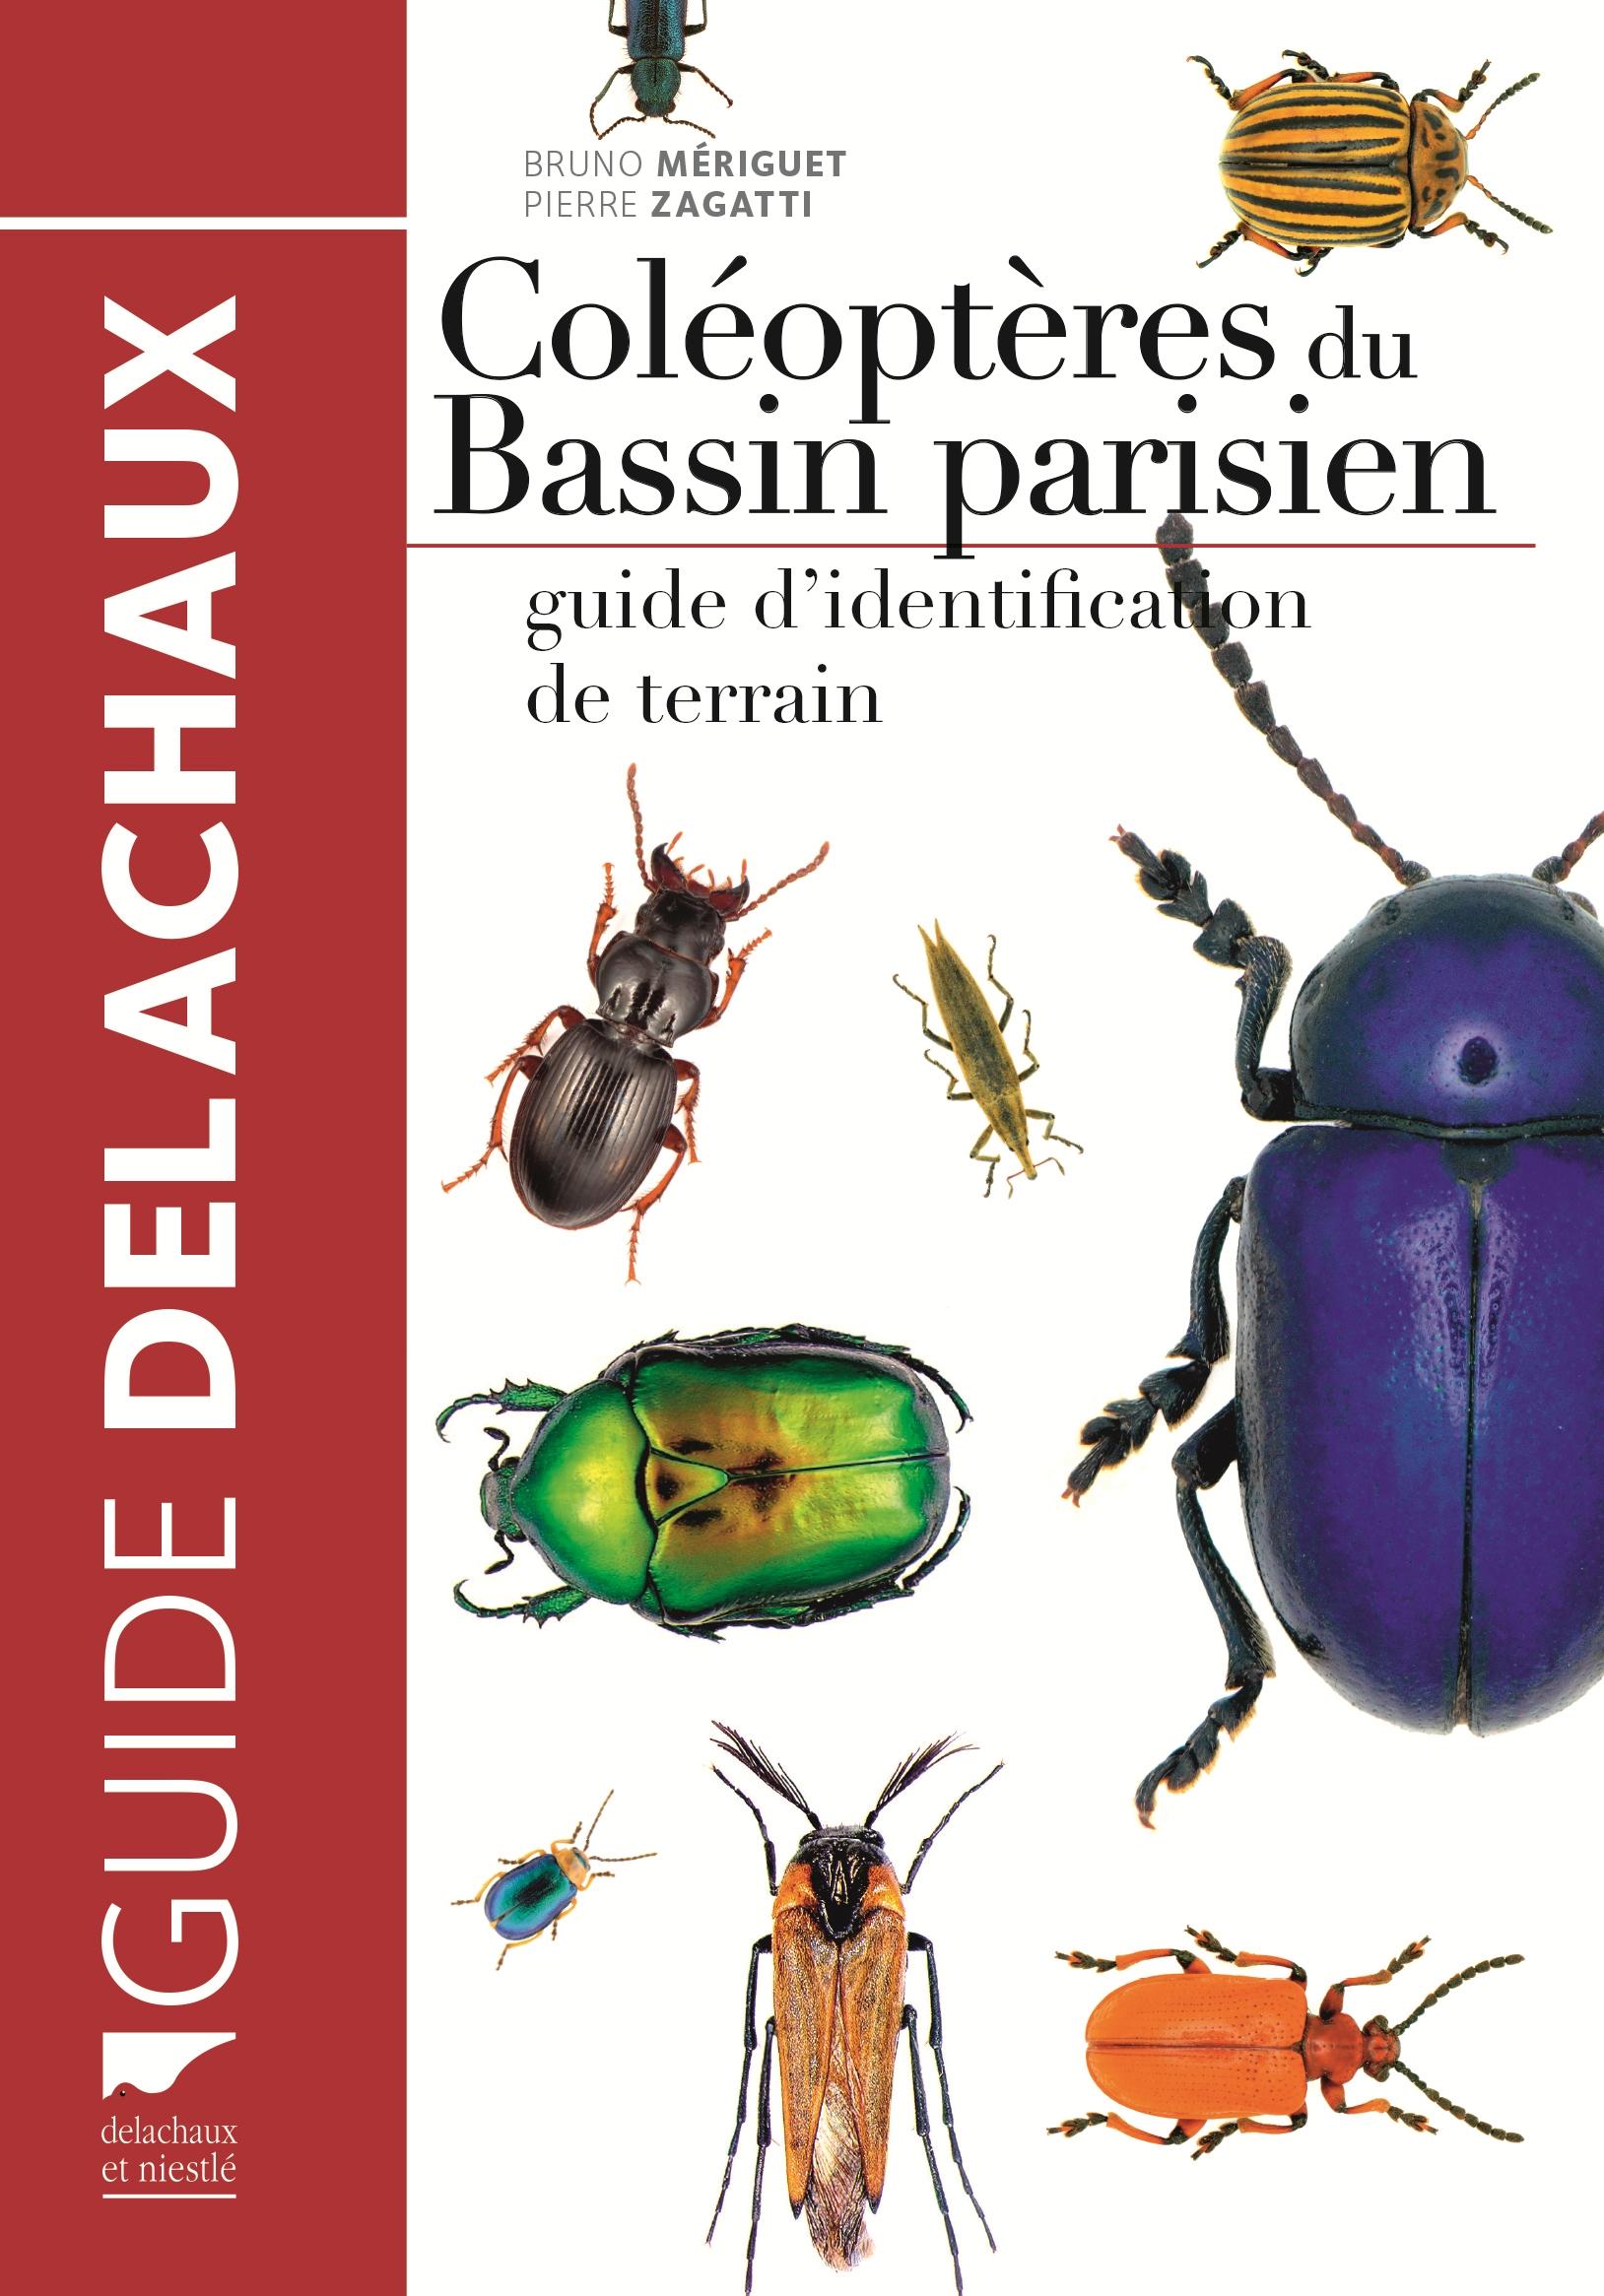 Couverture de l'ouvrage : Coléoptères du Bassin parisien (Source : B. Meriguet & P. Zagatti, Delachaux&Niestlé-2016)